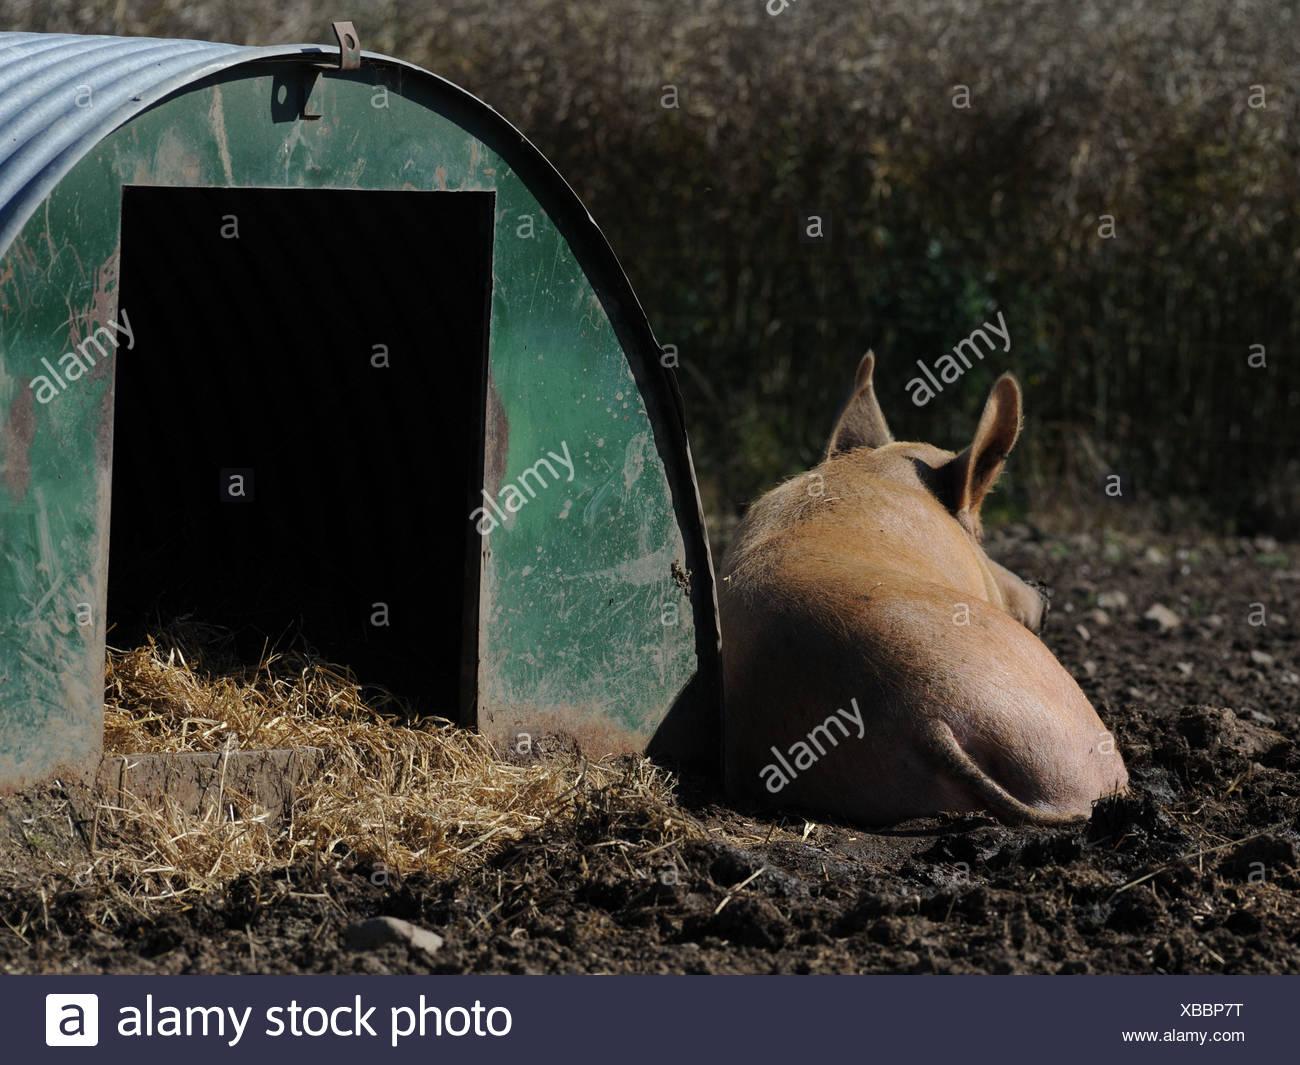 Wunderbar Garten Schwein Draht Fotos - Die Besten Elektrischen ...